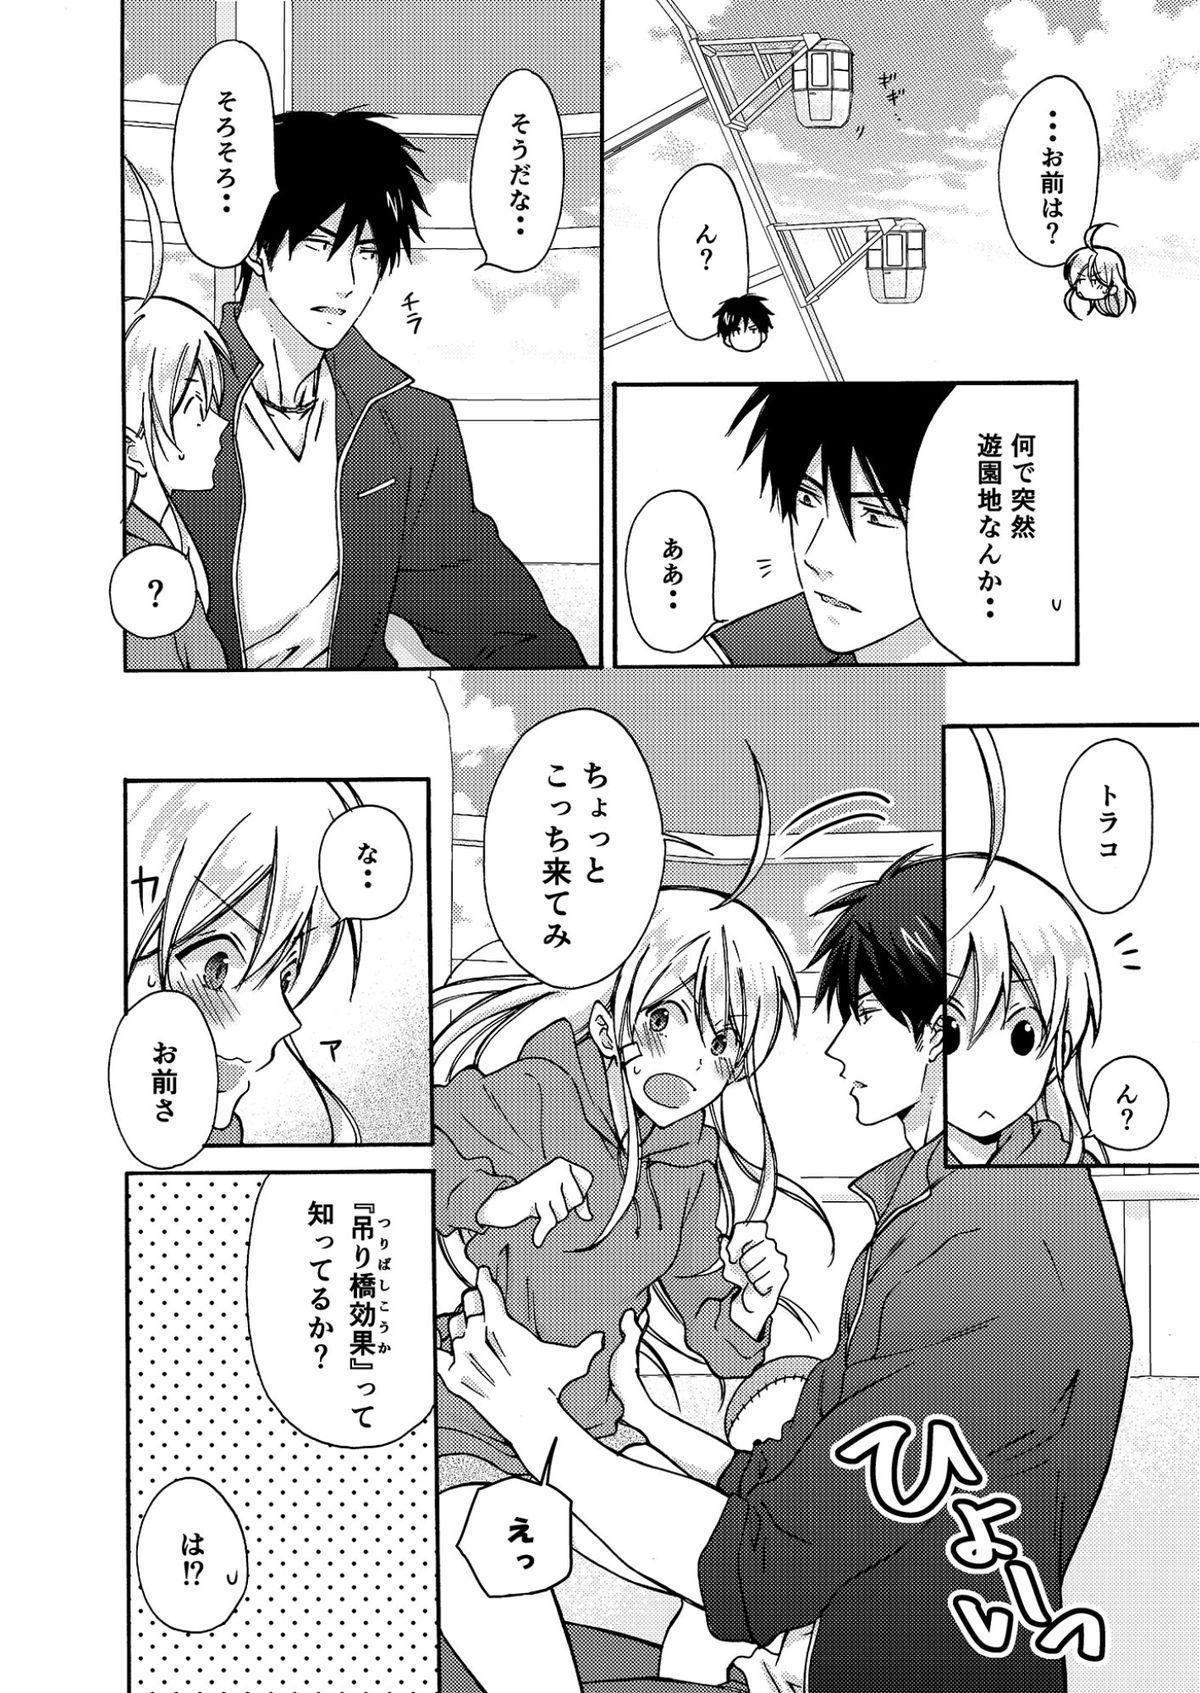 Nyotaika Yankee Gakuen ☆ Ore no Hajimete, Nerawaretemasu. 4 22